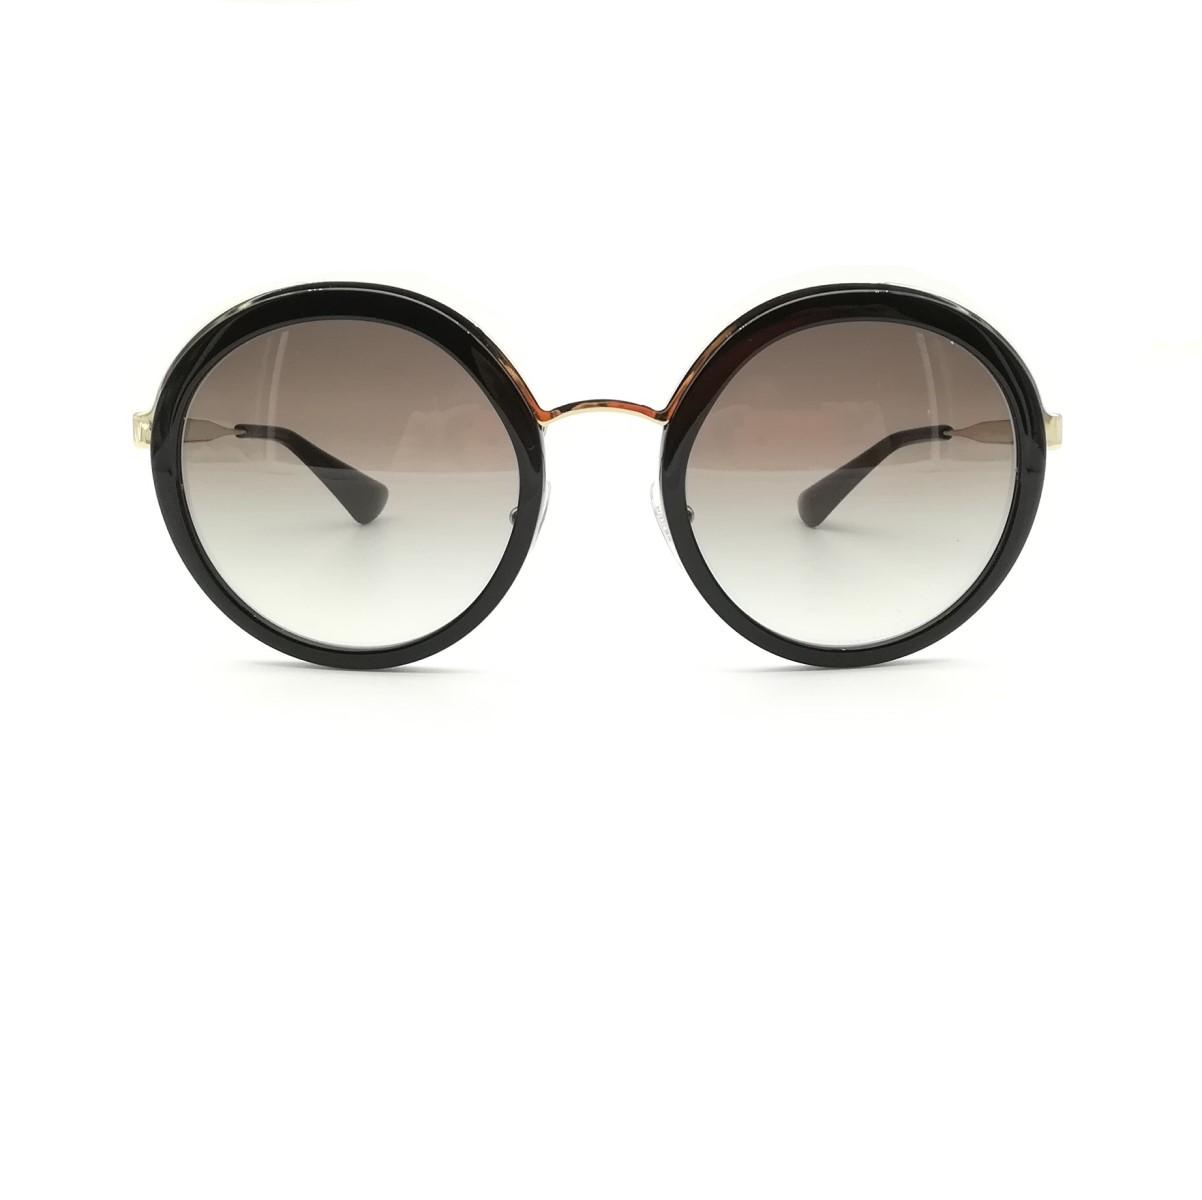 codice promozionale 3b5c9 db781 PRADA occhiale da sole donna SPR 50T